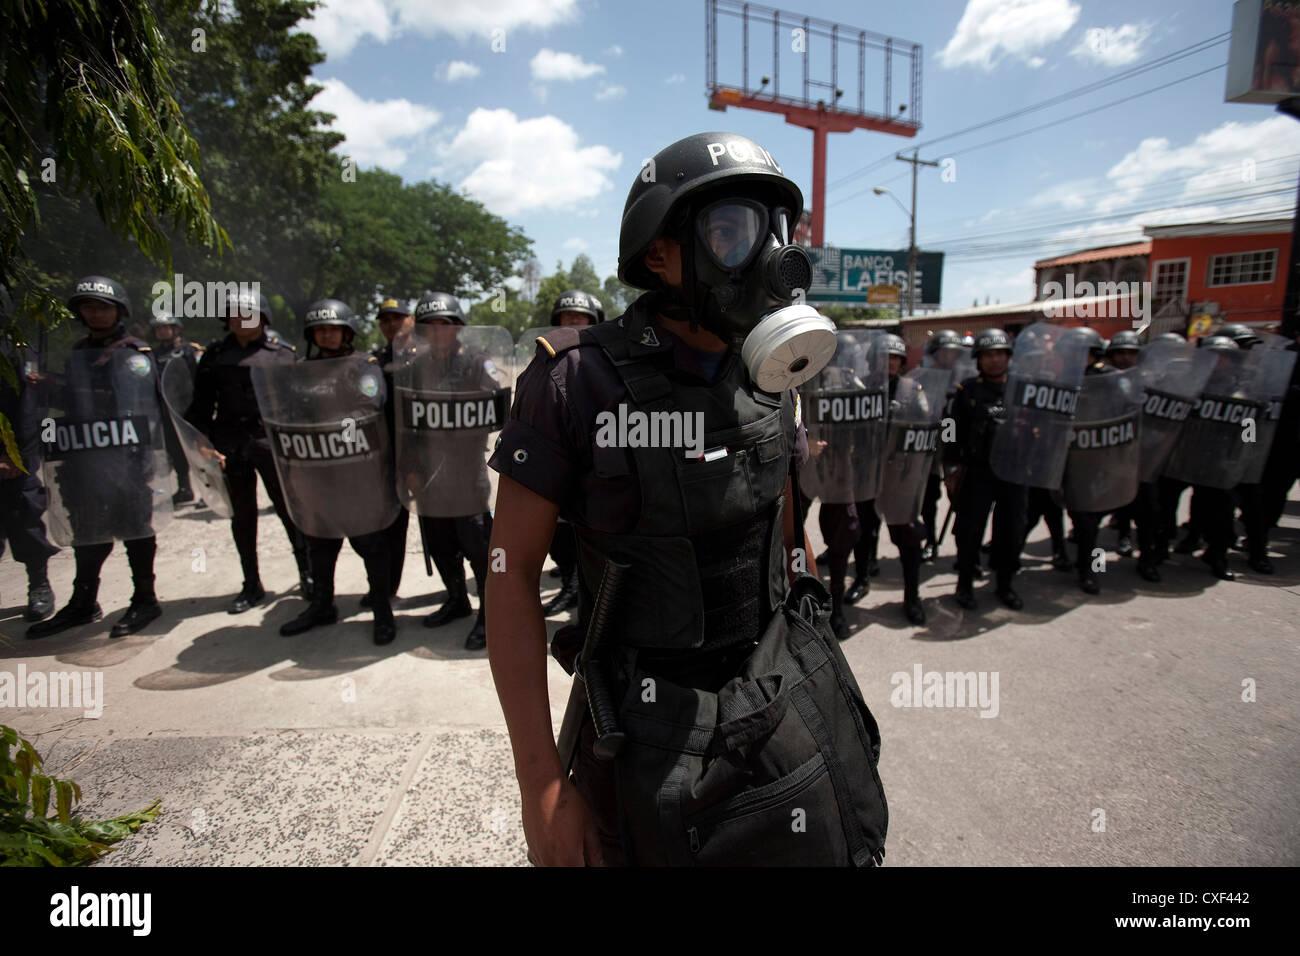 Policía hondureña guardia como miles de simpatizantes del depuesto presidente de Honduras, Manuel Zelaya, una protesta en Tegucigalpa. Foto de stock